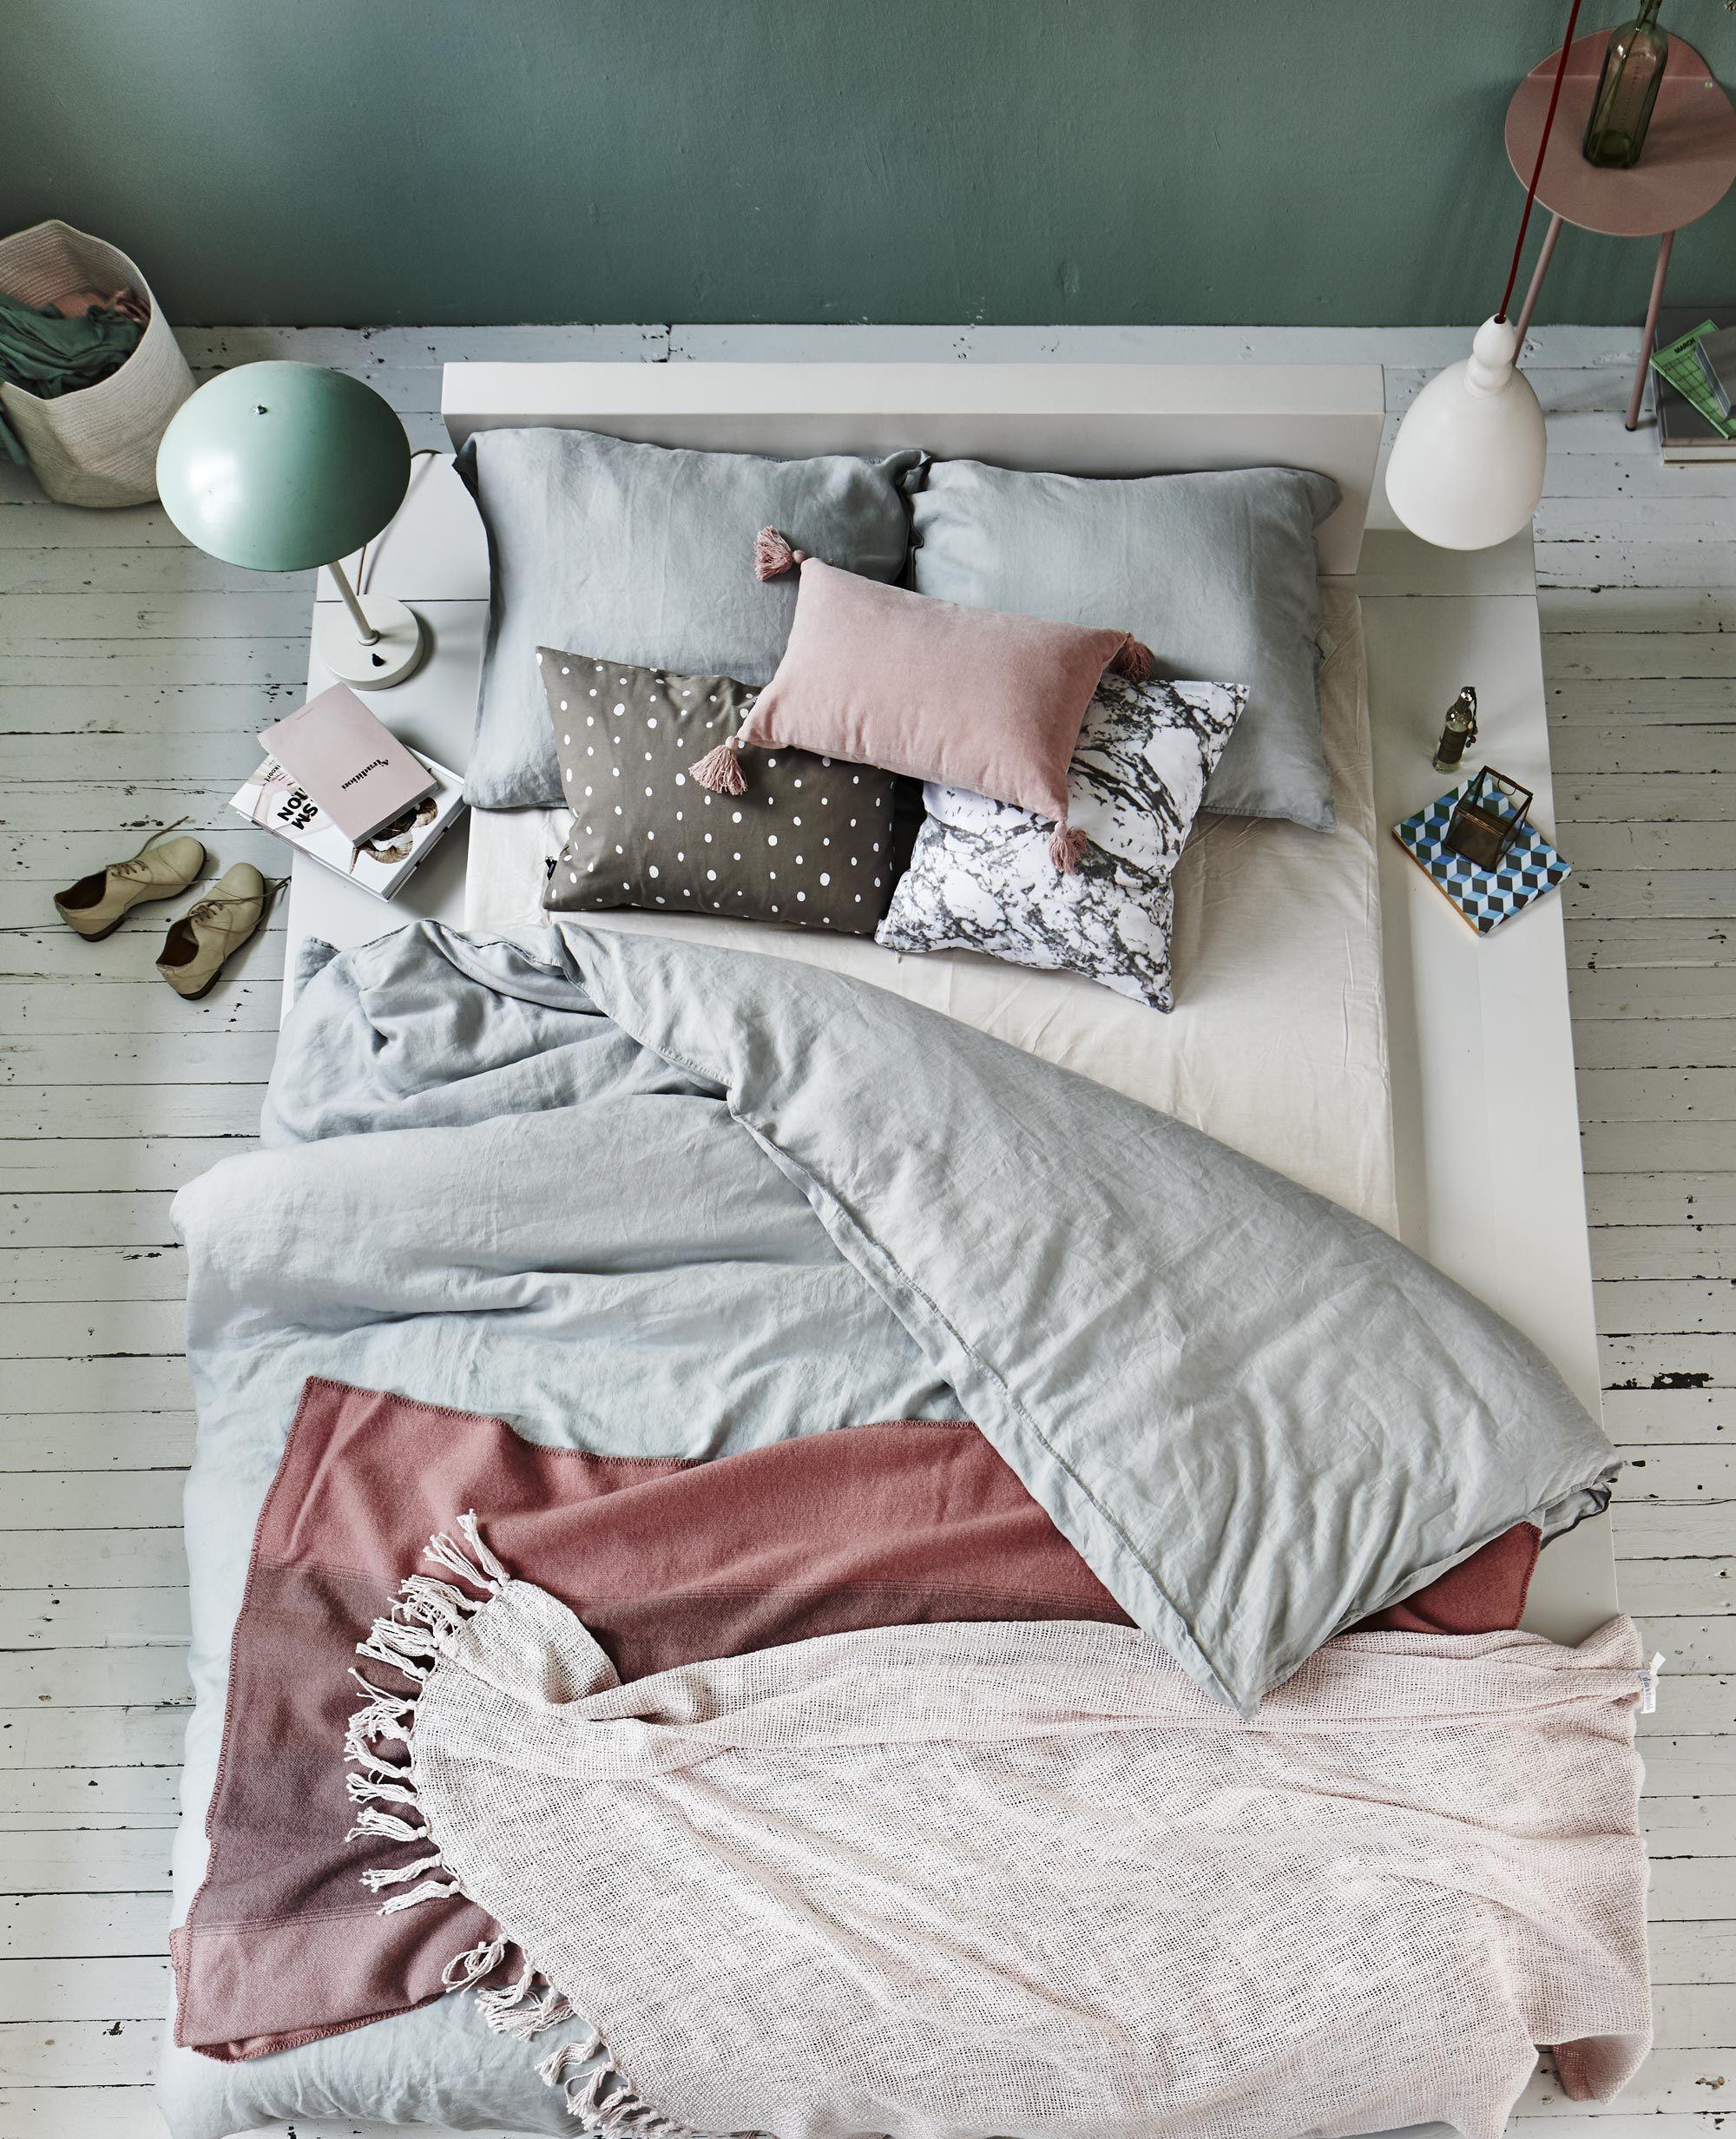 pastel slaapkamer styling cleo scheulderman photo jeroen van der spek